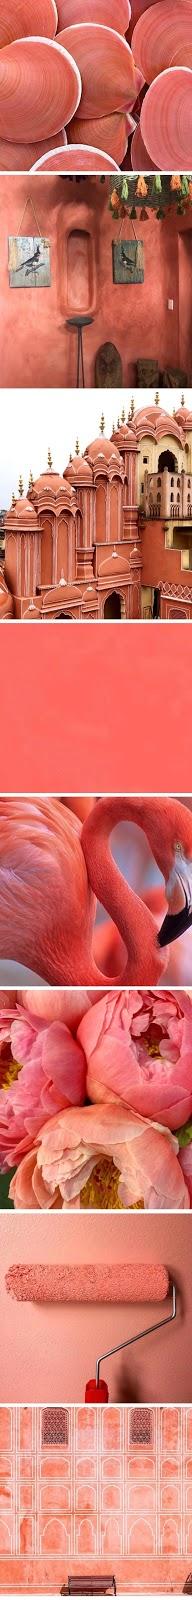 pantone-color-del-año-2019-living-coral.jpg